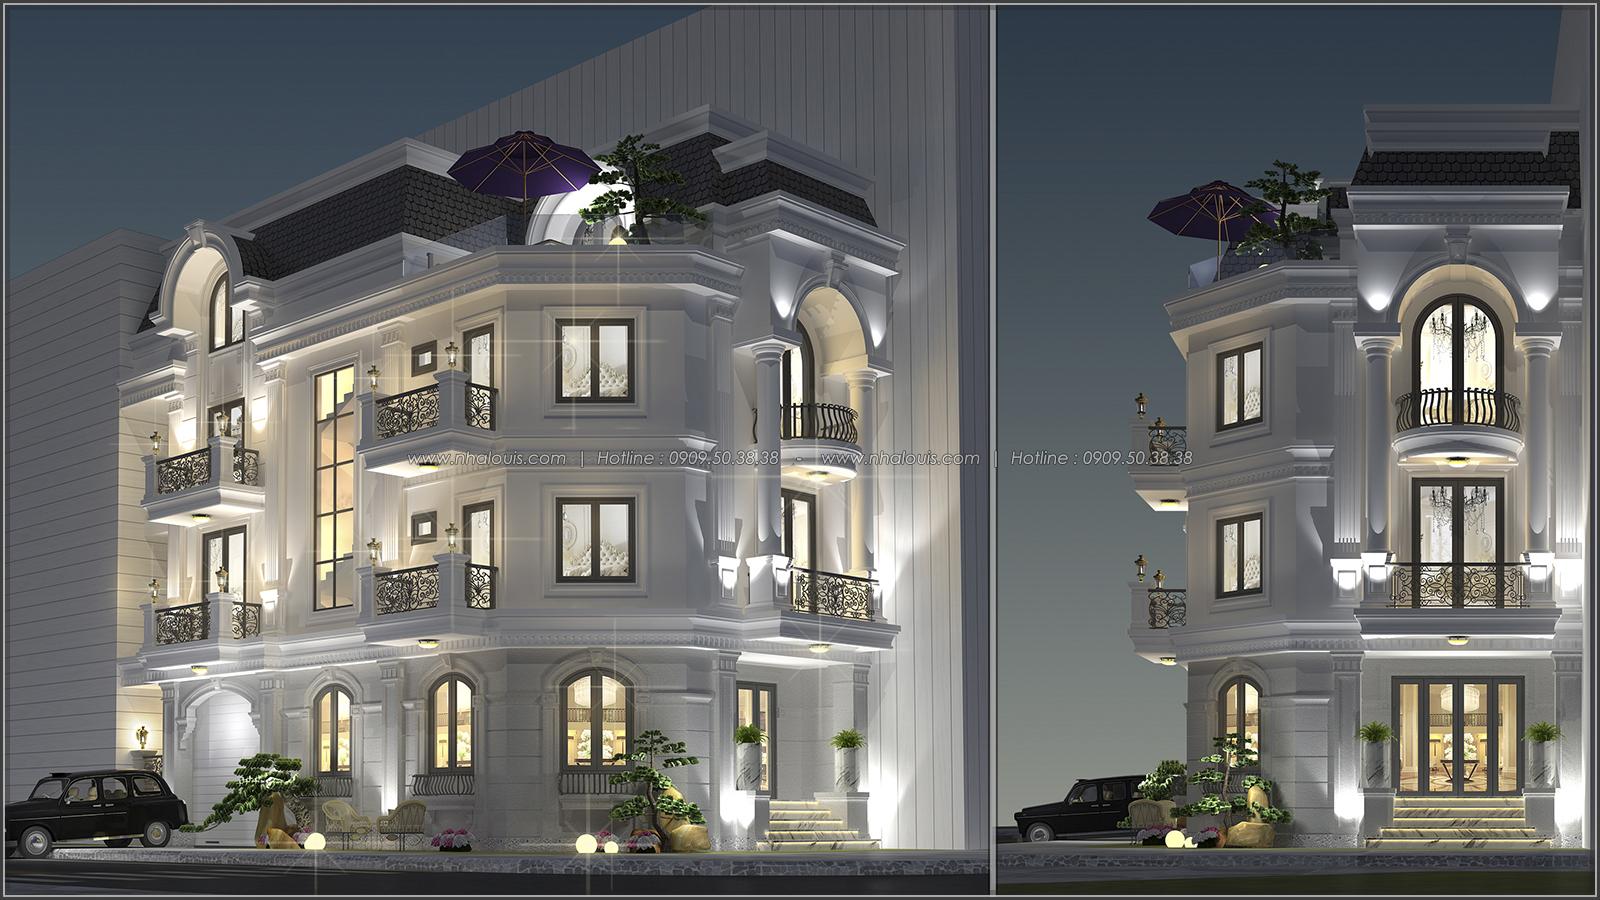 Thiết kế biệt thự tại Bình Dương theo phong cách cổ điển đẹp lộng lẫy - 1